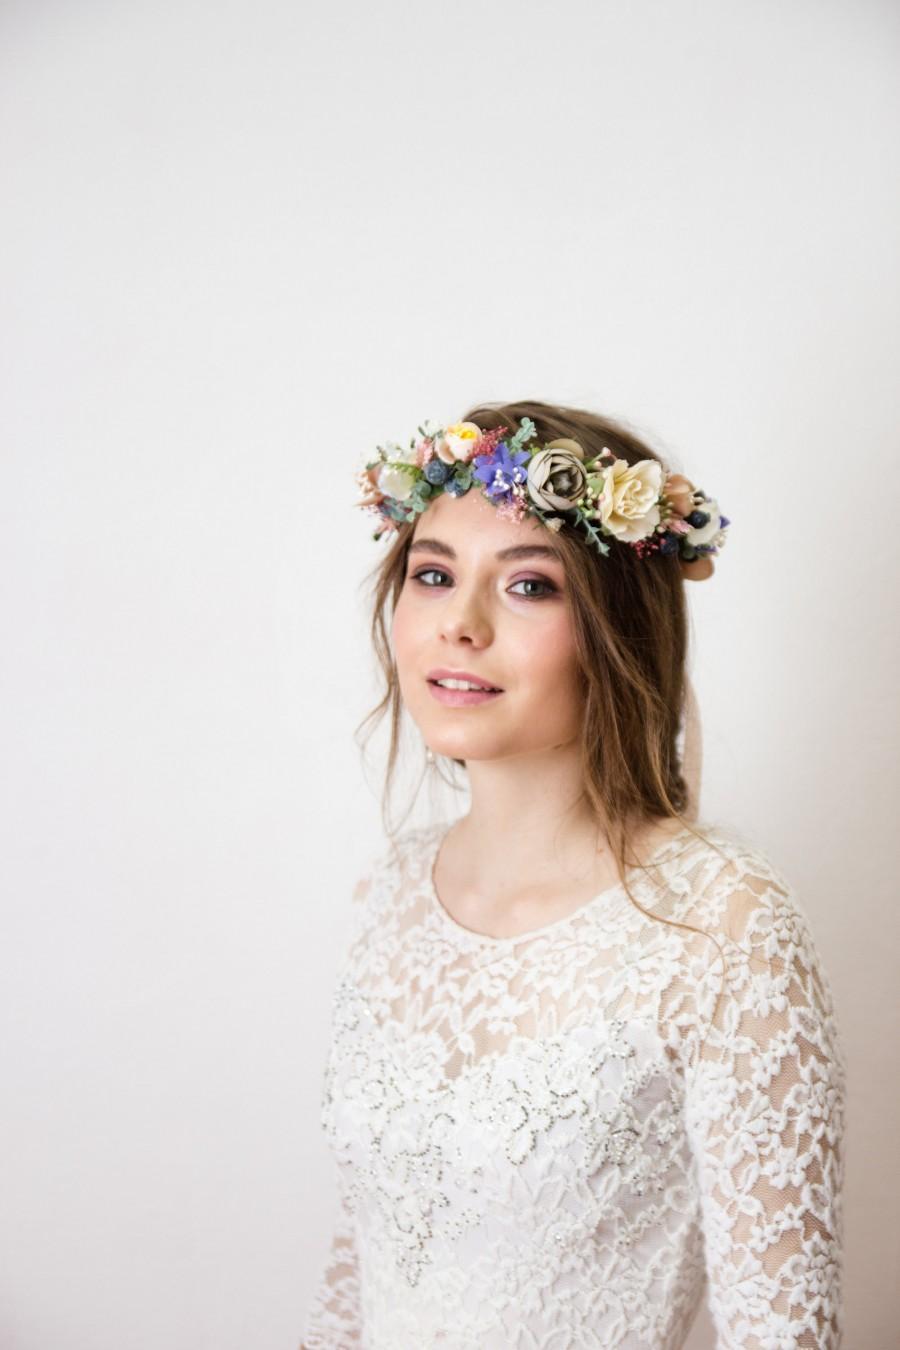 Hochzeit - Wedding Flower Crown, woodland flower halo, flower headpiece, boho flower crown, blush flower crown, greenery crown, flower head piece 1176